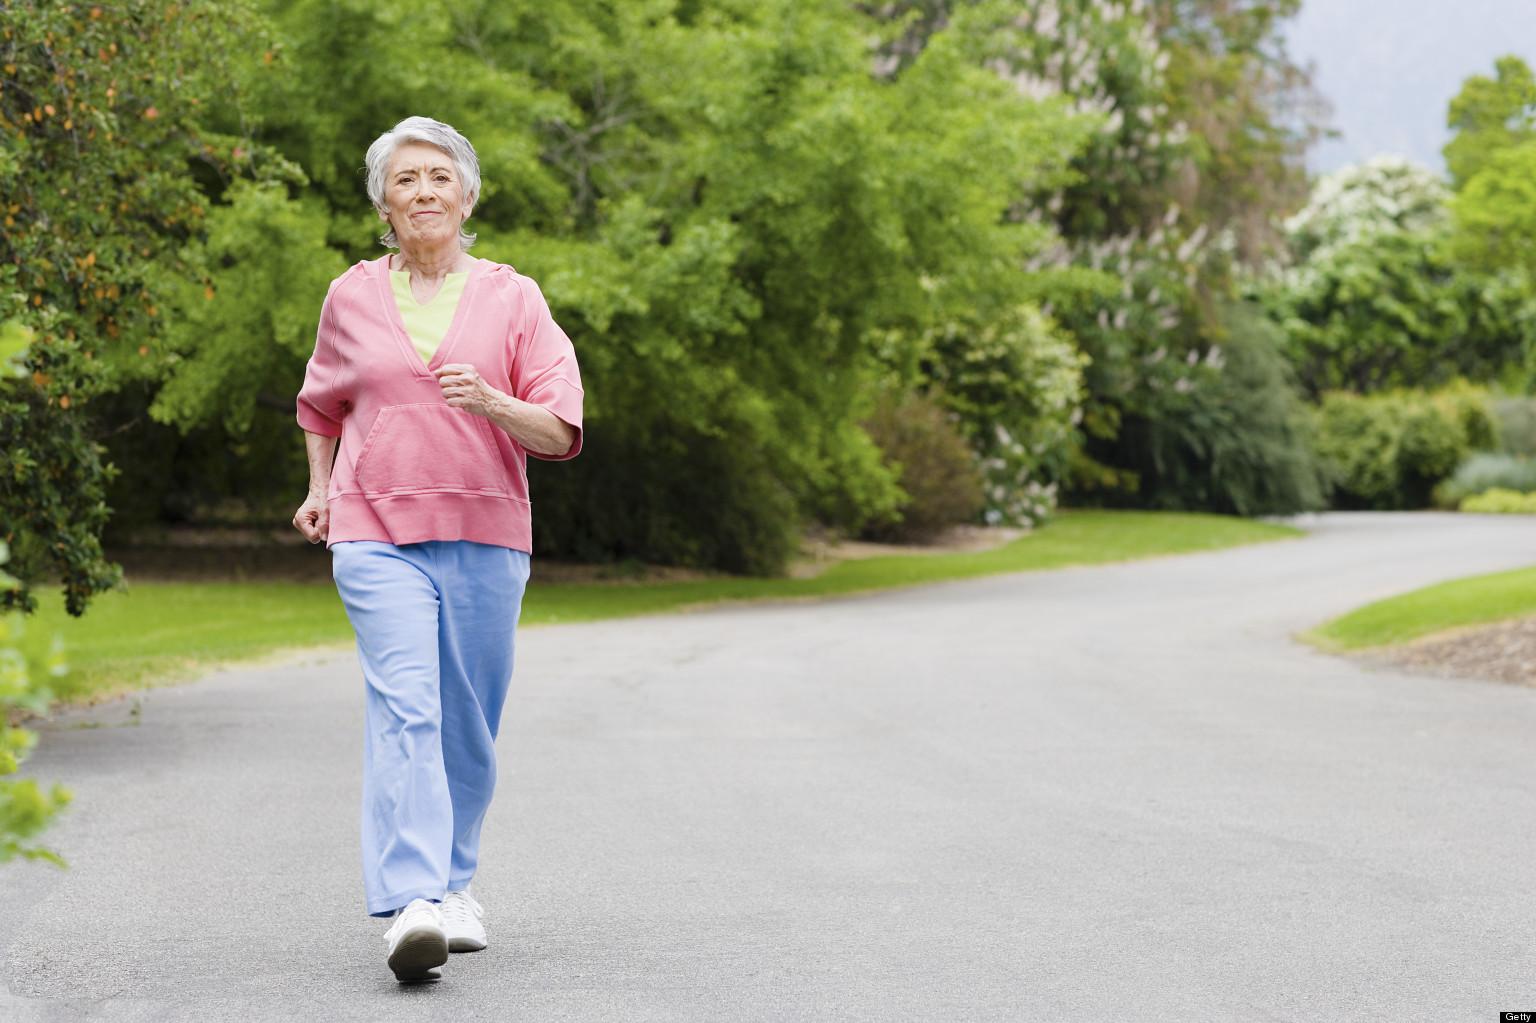 چه نوع فعالیت بدنی میتواند سرعت رشد آلزایمر را کند کند؟